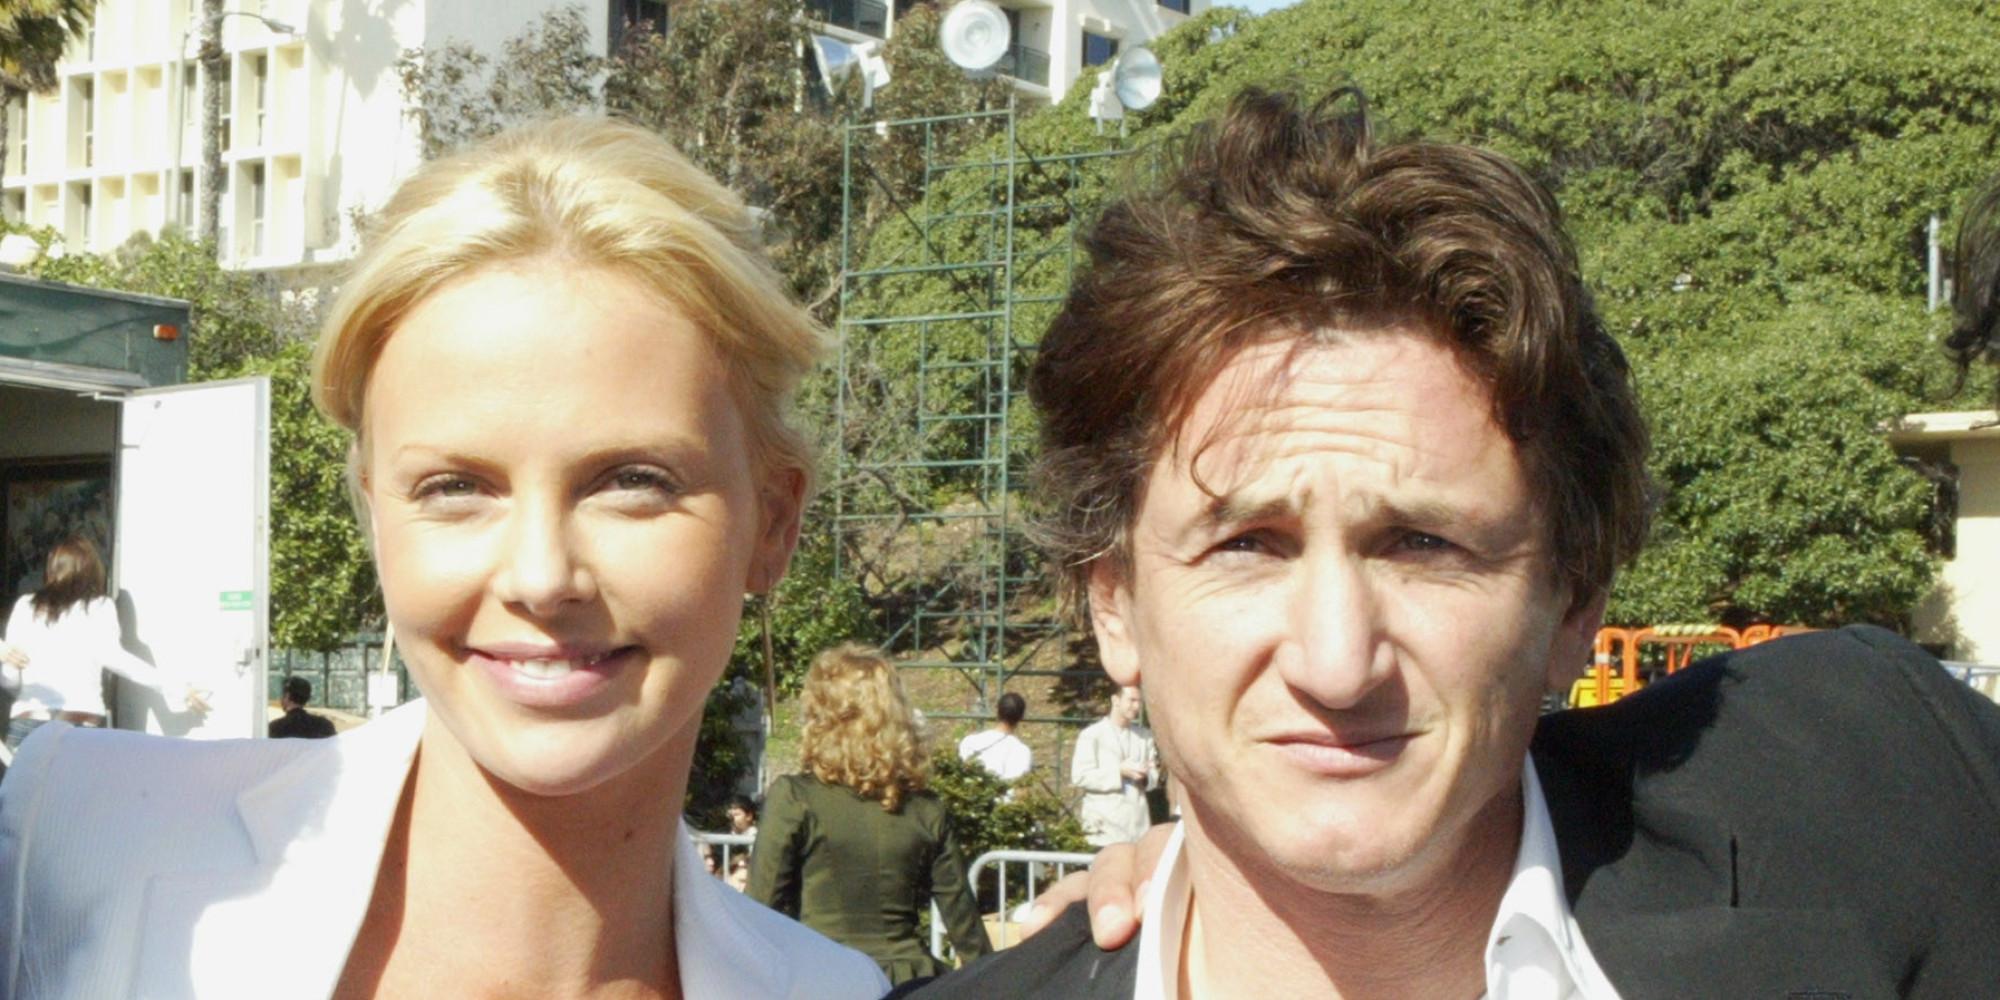 Mama lui Charlize Theron nu e de acord cu relatia fiicei ei cu Sean Penn